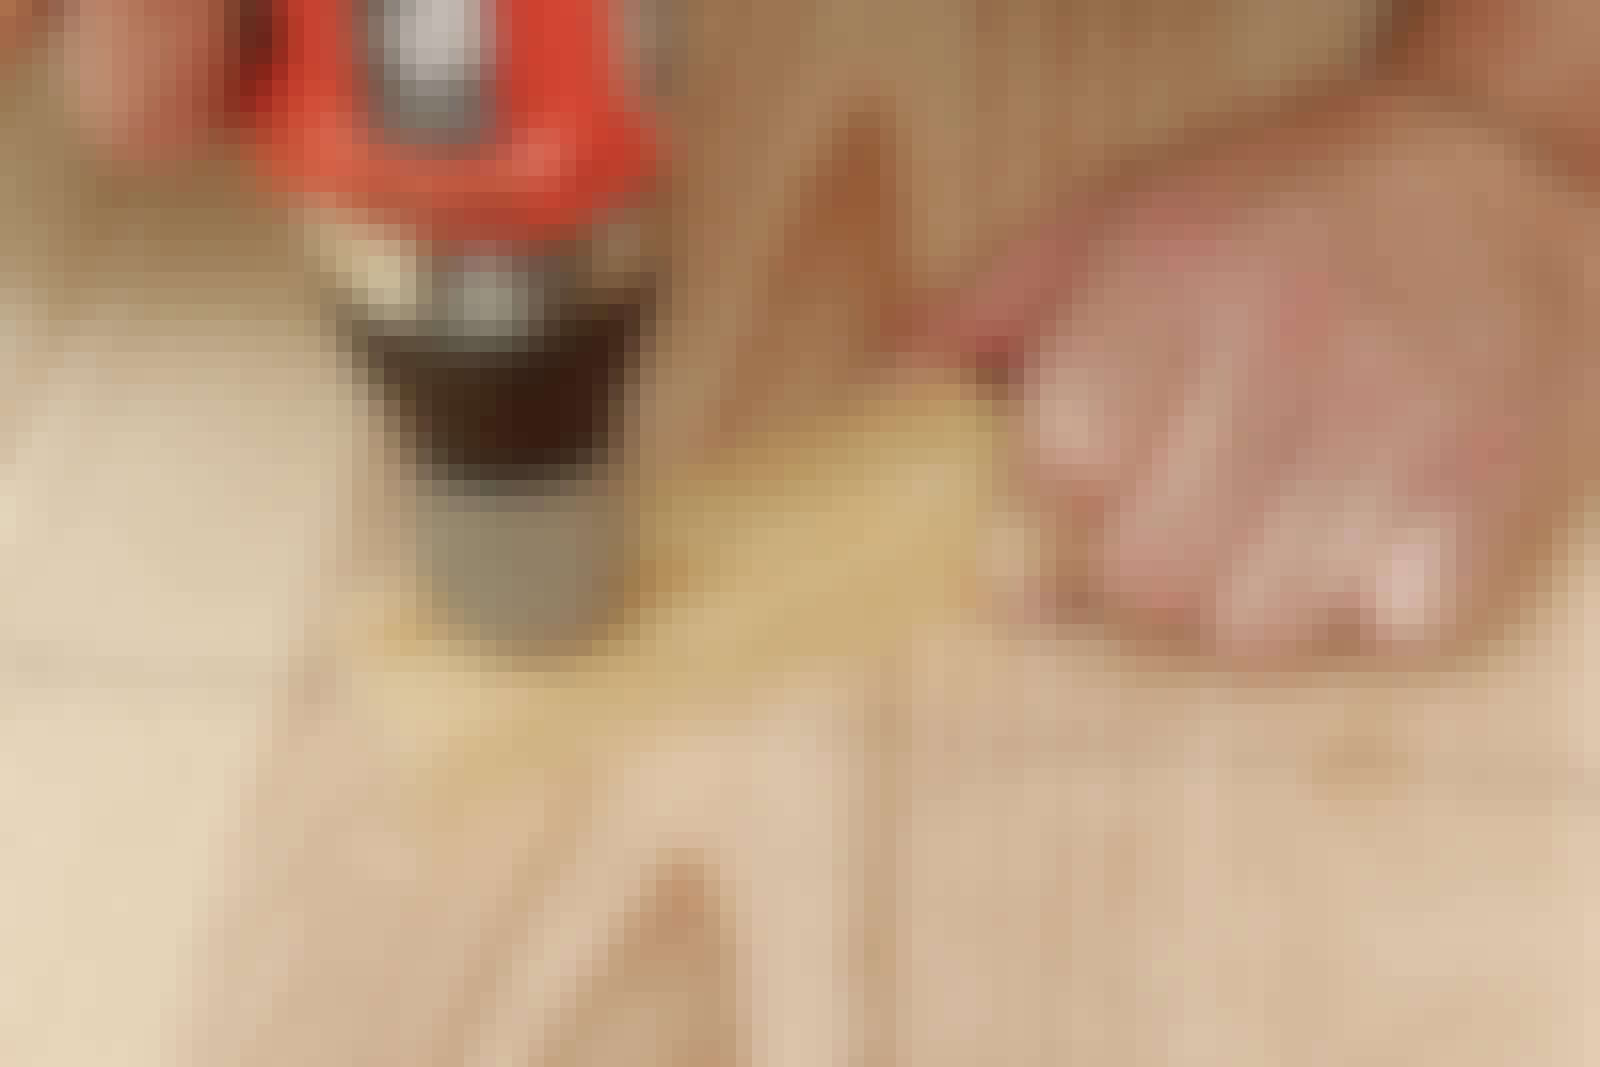 Propper til gulv og terrasse: Smart dybdestop